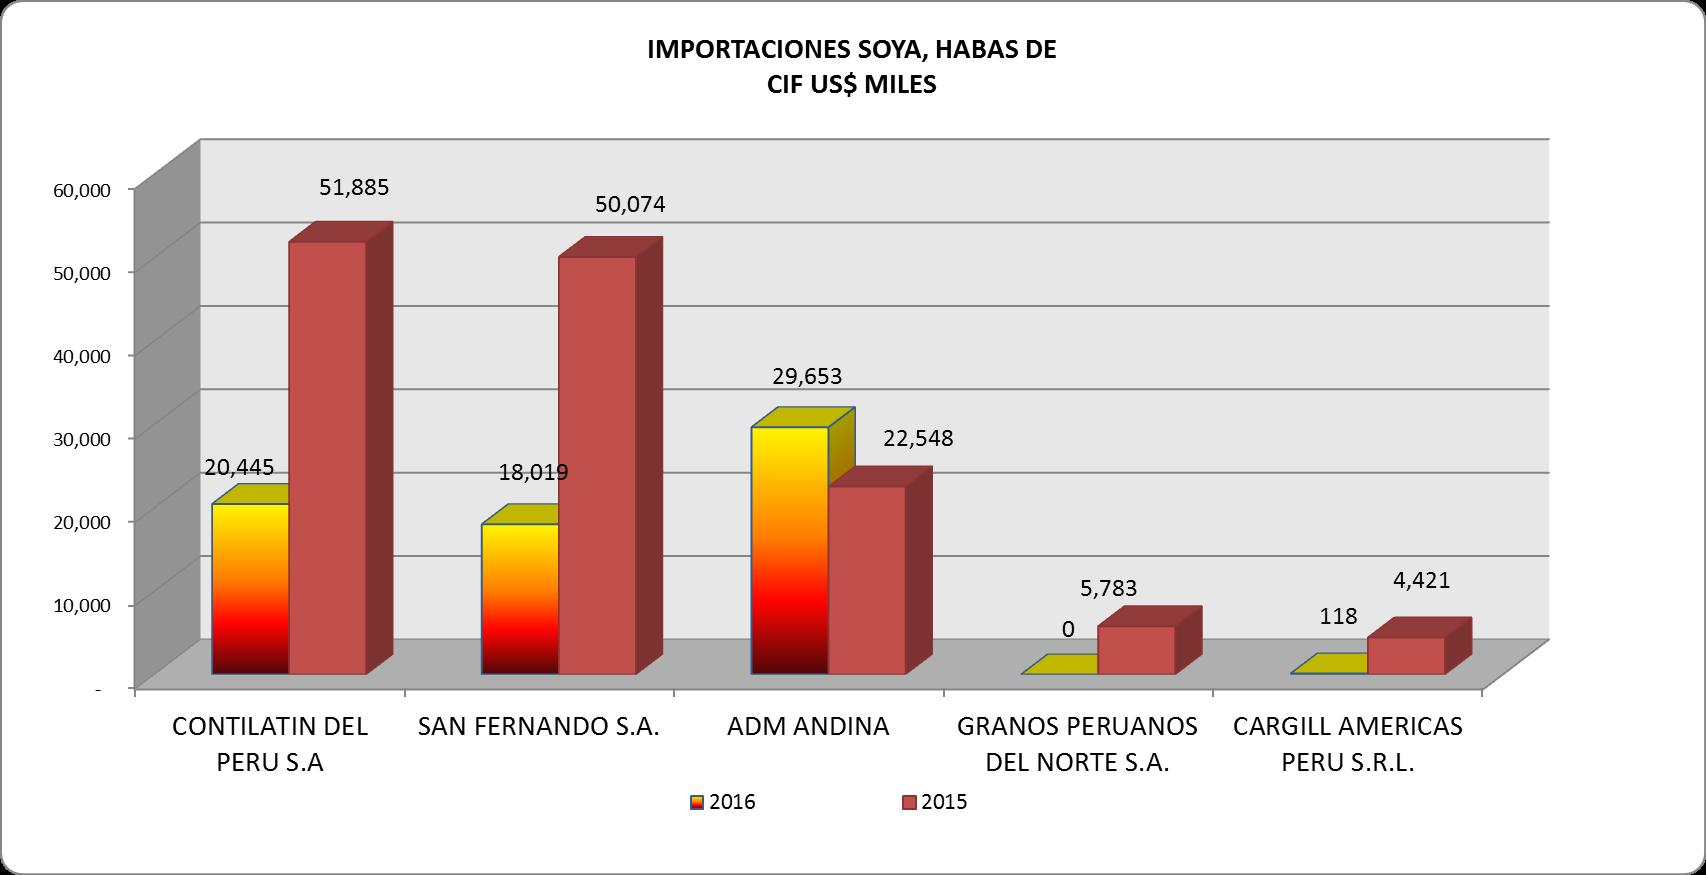 Soya Granos Perú Importación 2016 Septiembre